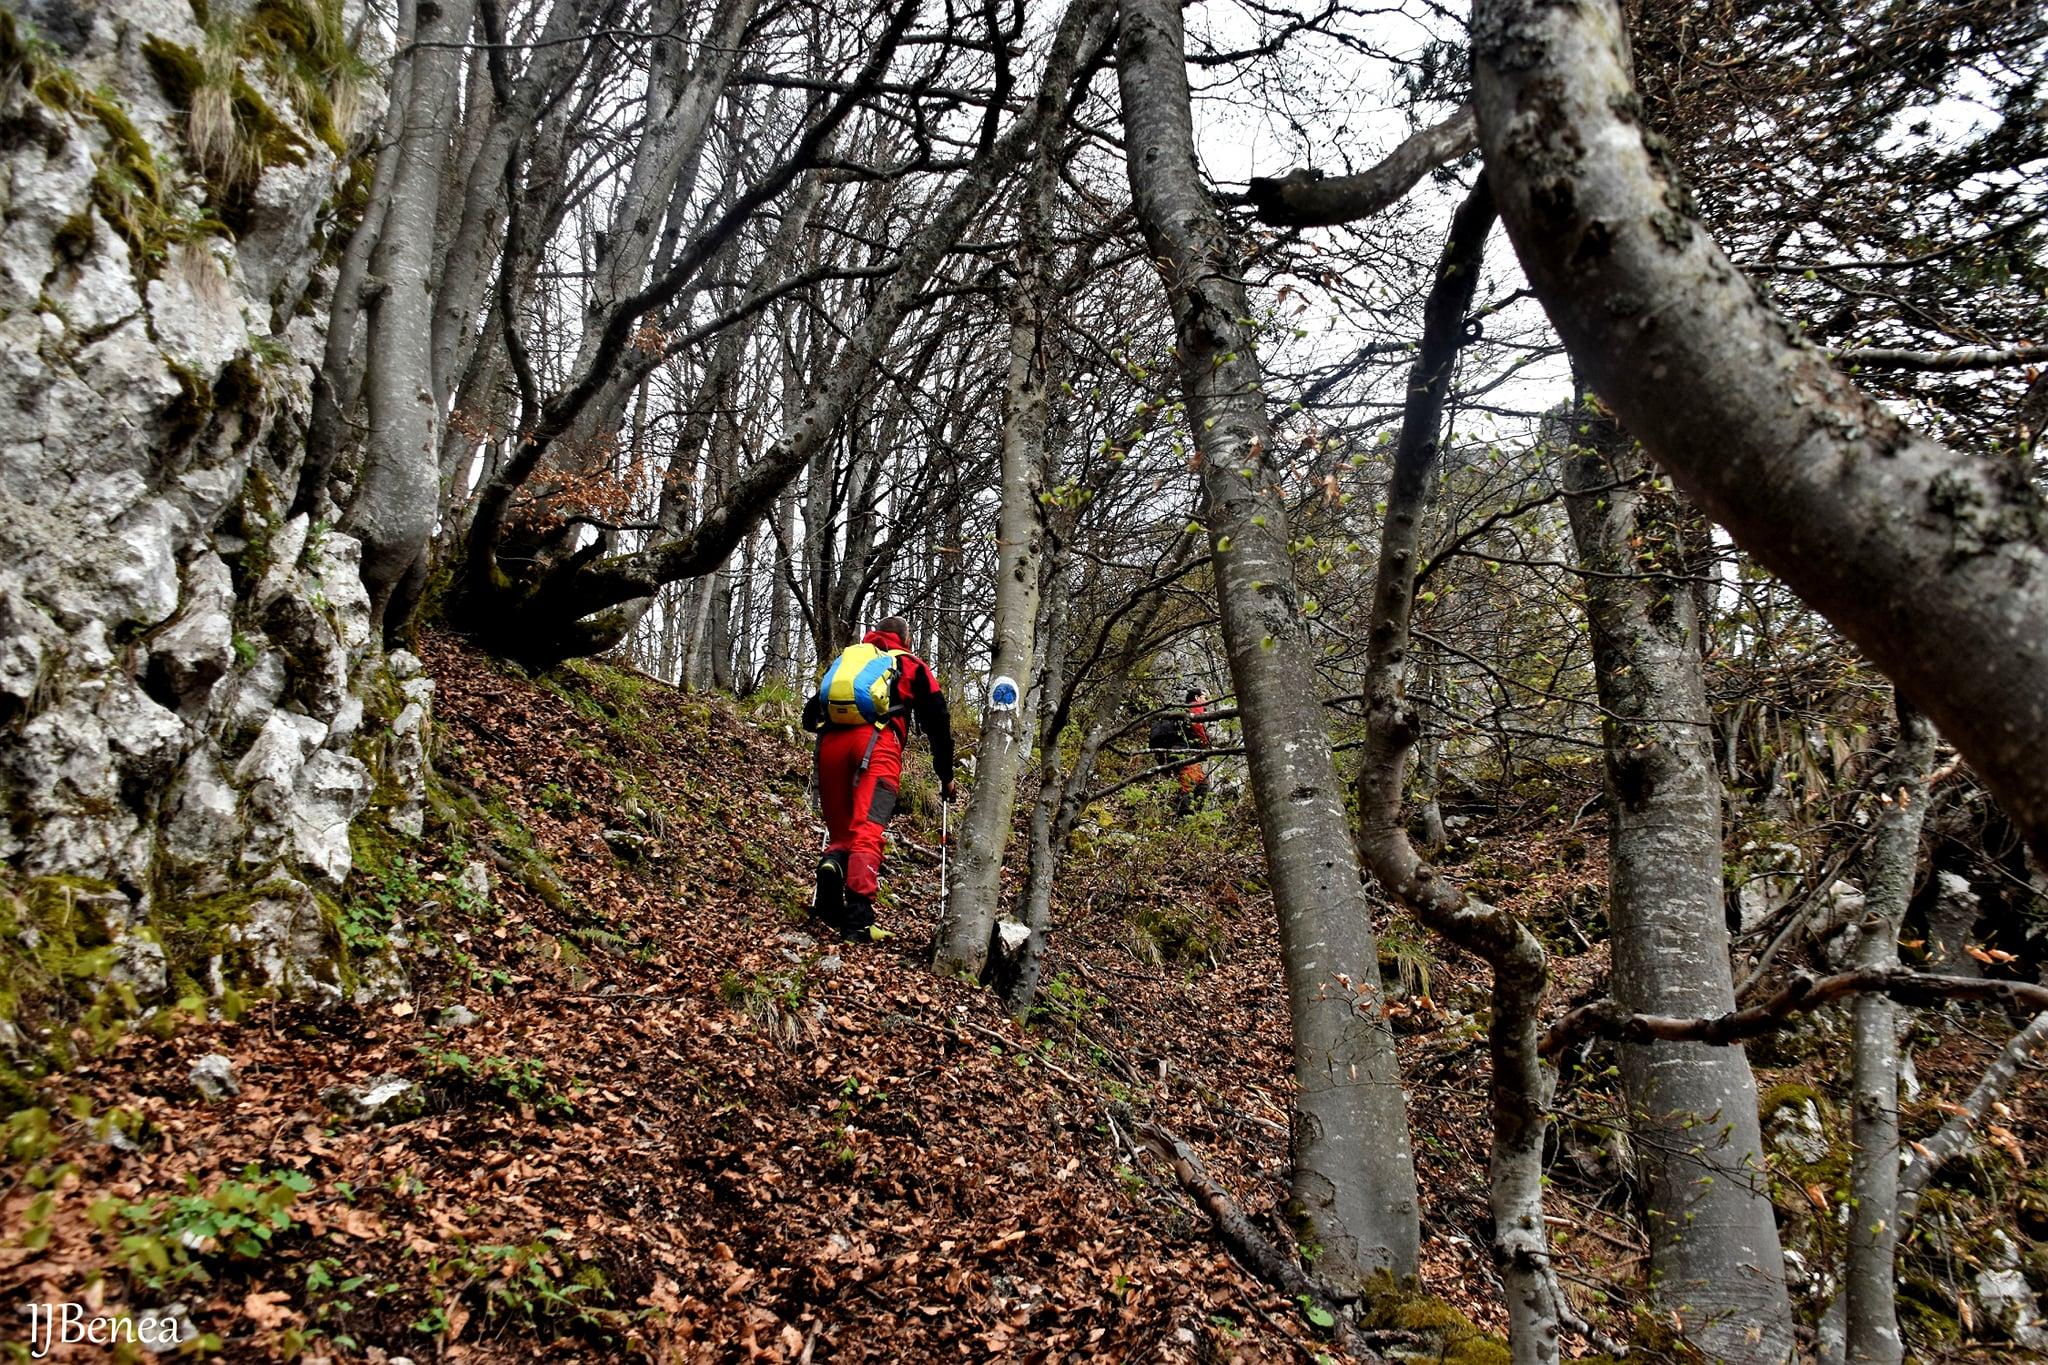 Urcarea finală pe Circuitul Vârfului Vulcan - Ioan Benea Jurca